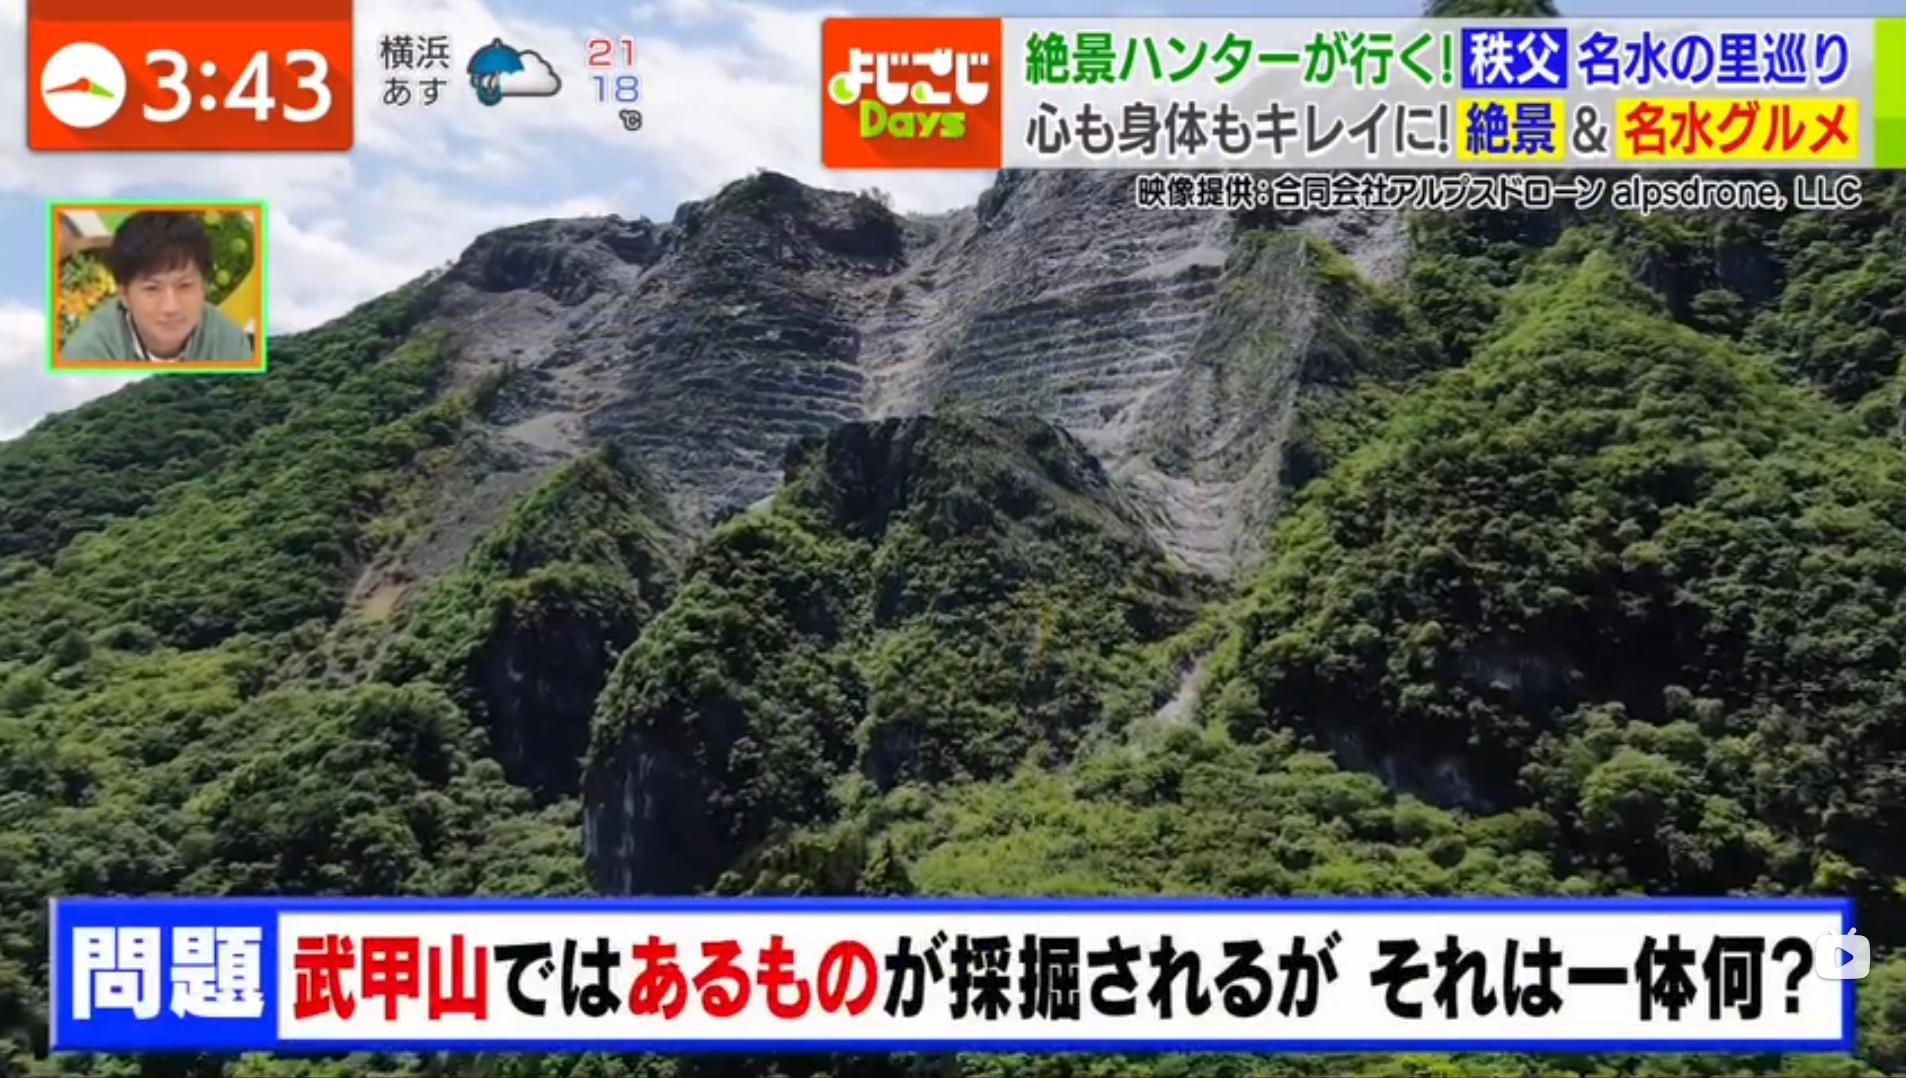 10月12日(火)放送のテレビ東京系「よじごじDays」にて弊社のドローン映像が採用されました。